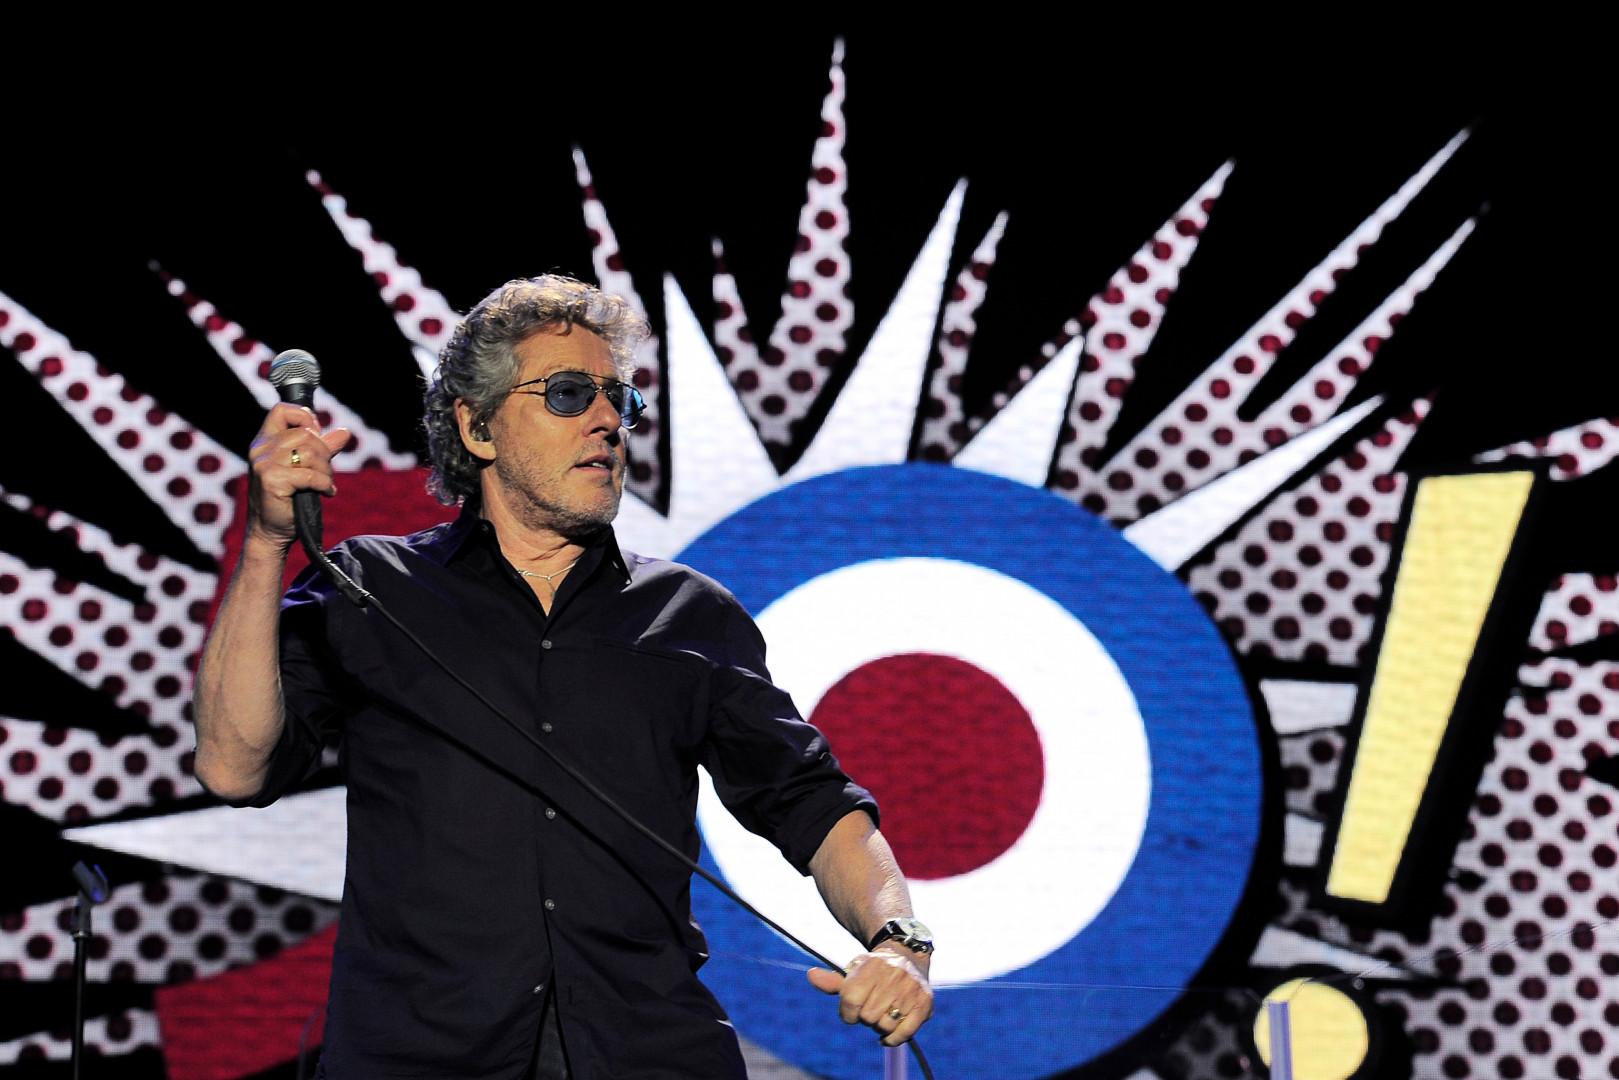 Roger Daltrey, le chanteur du groupe The Who